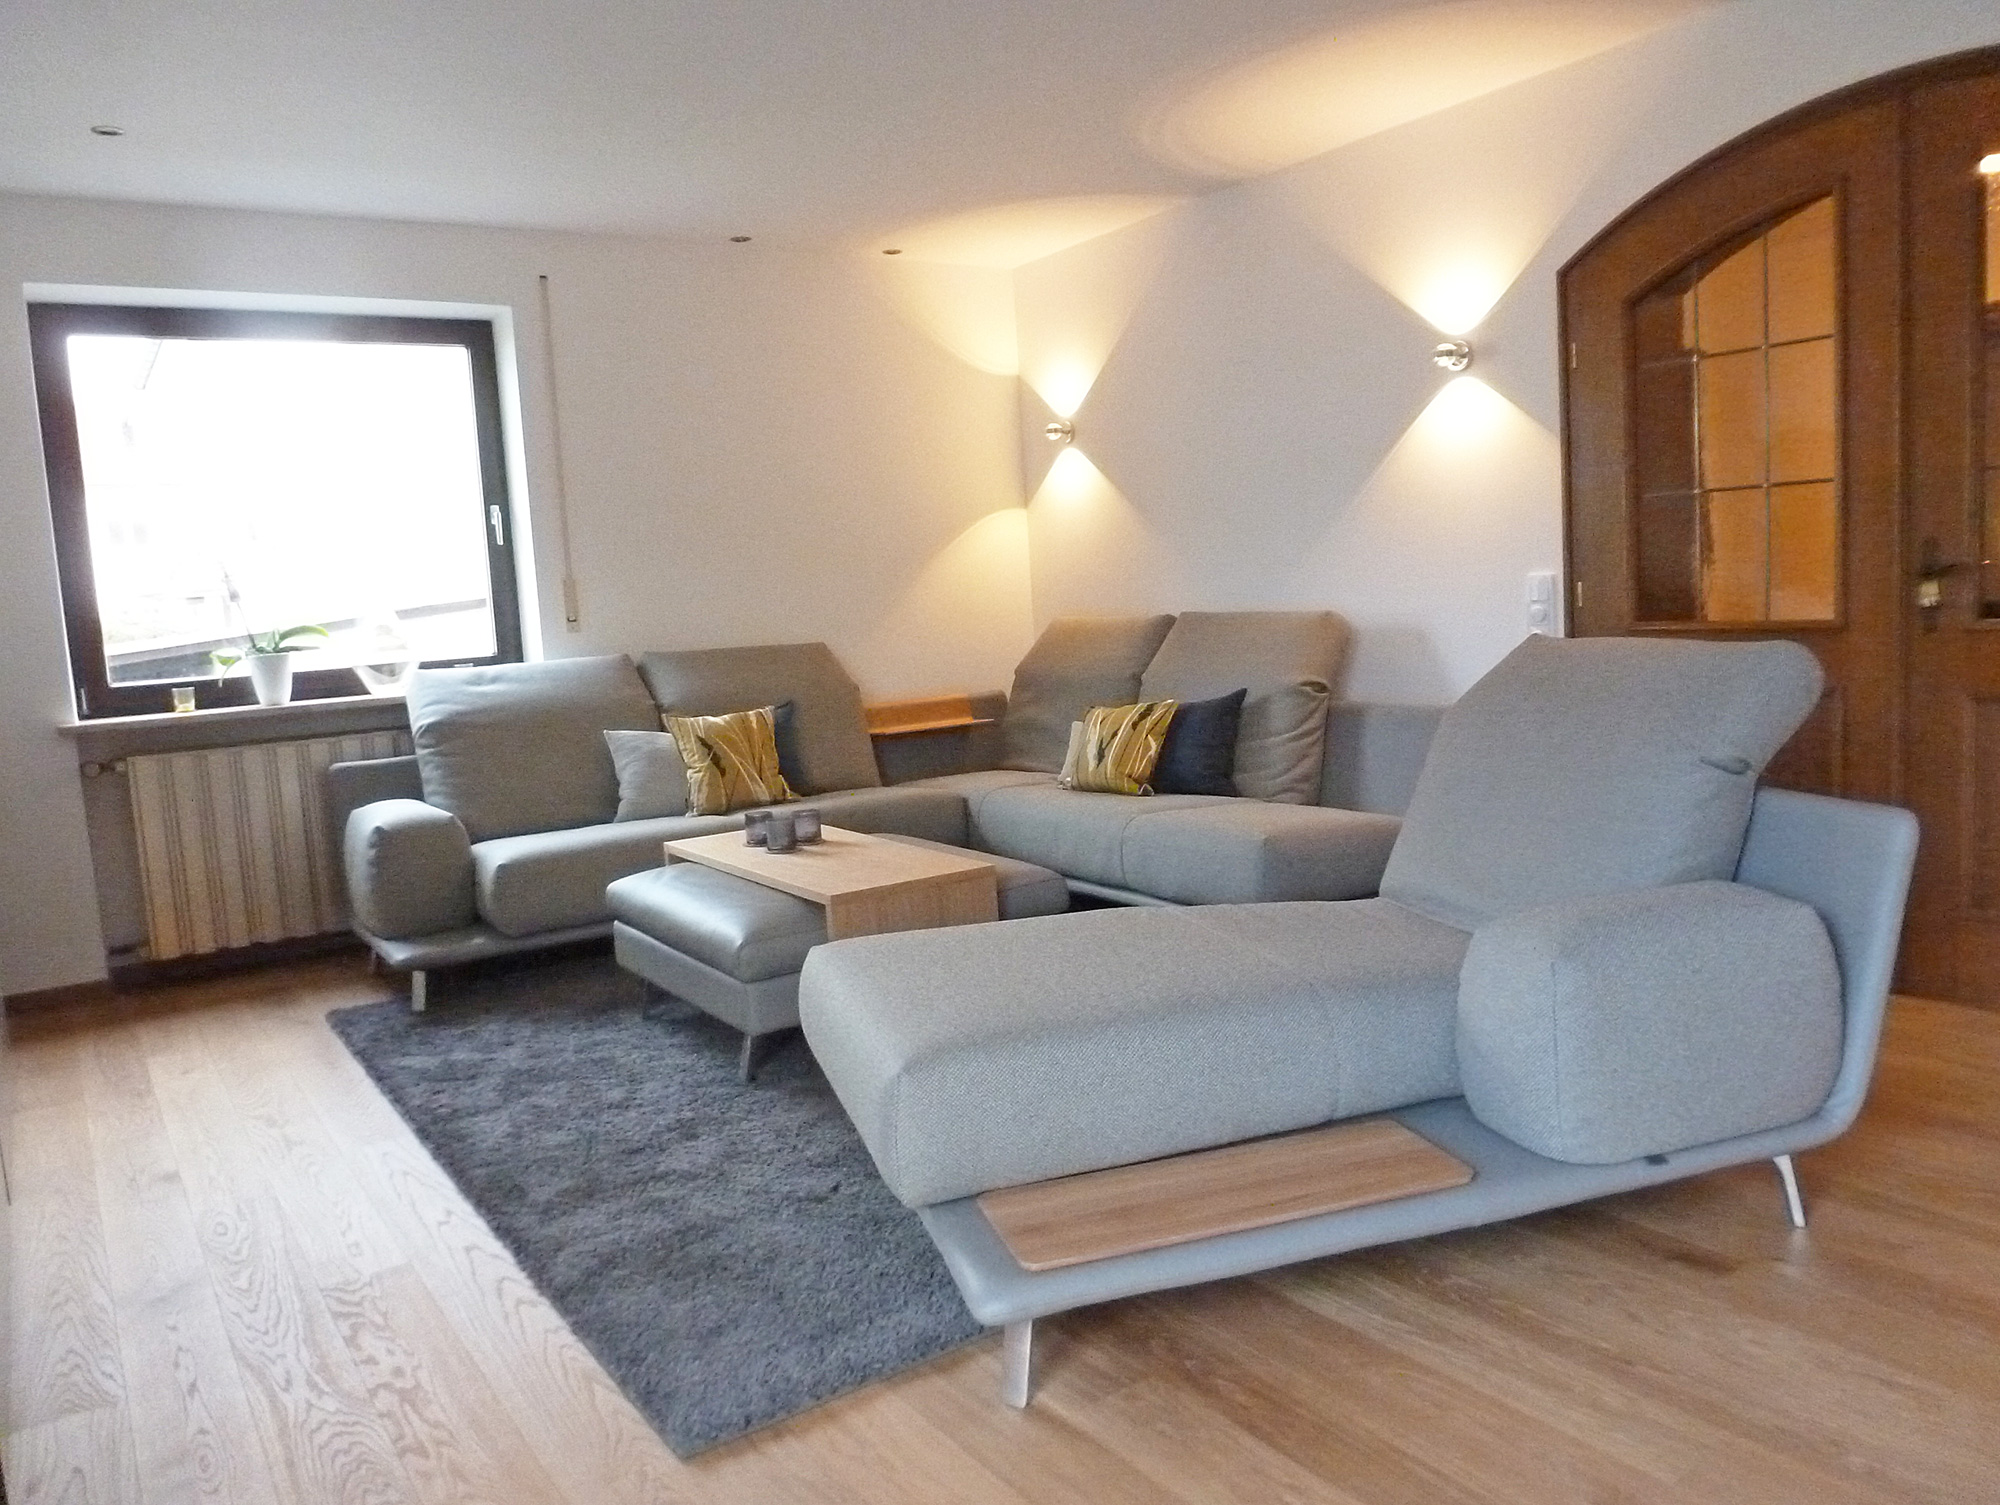 vivere wohnen und leben mit sch nen dingen. Black Bedroom Furniture Sets. Home Design Ideas